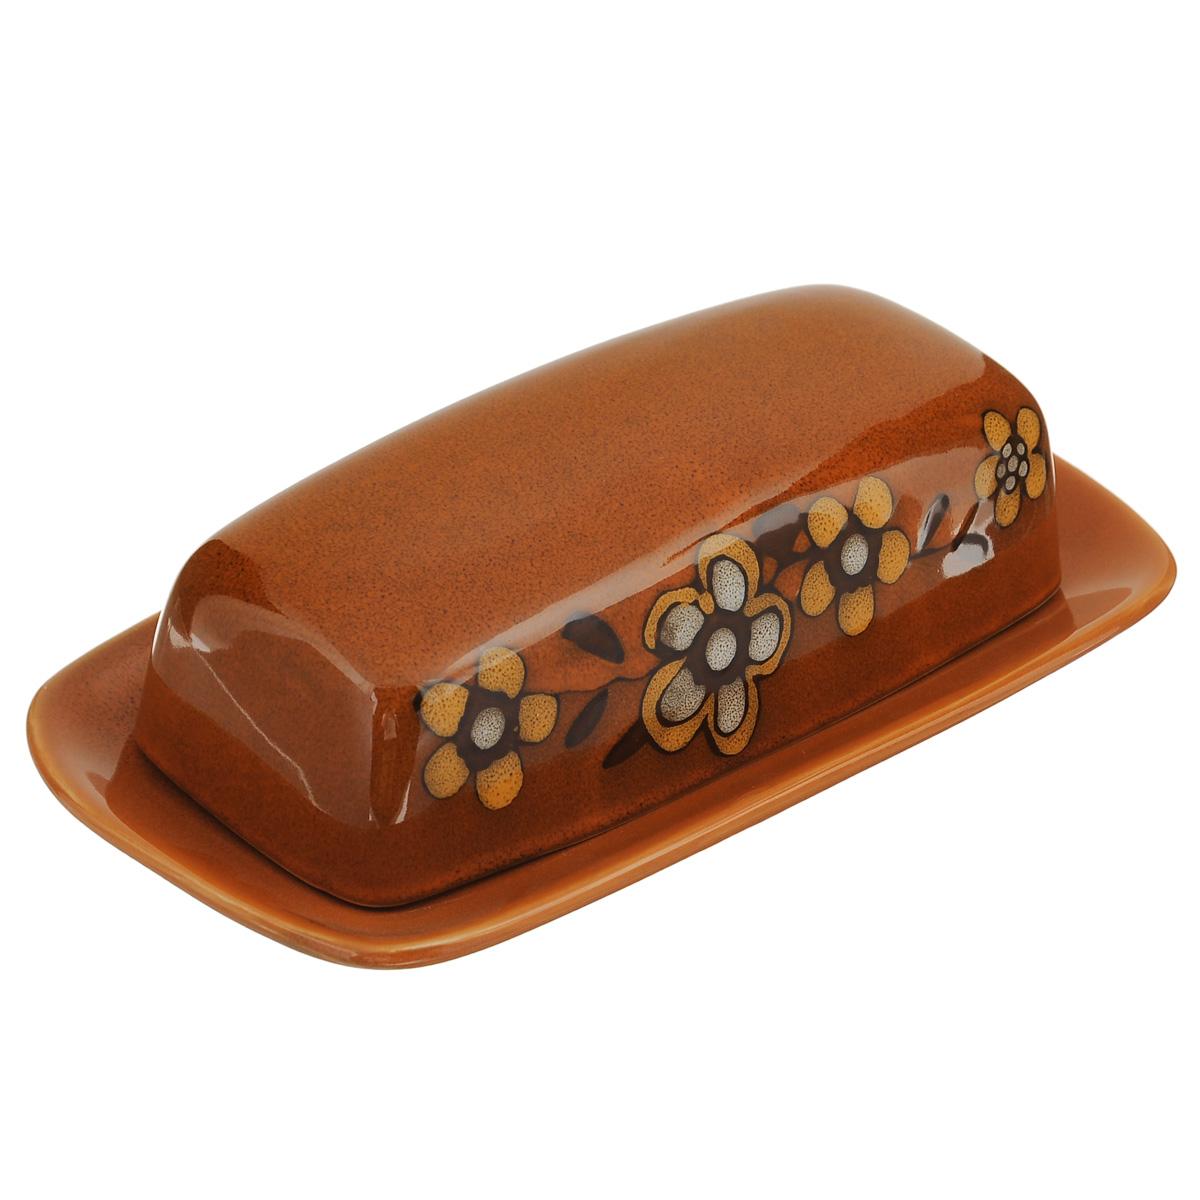 Масленка Korall Каменный цветок, цвет: оранжевый. 734906734906Масленка Korall Каменный цветок, выполненная из высококачественной керамики, предназначена для красивой сервировки и хранения масла. Она состоит из подноса и крышки, оформленной оригинальным цветочным рисунком. Масло в ней долго остается свежим, а при хранении в холодильнике не впитывает посторонние запахи. Можно мыть в посудомоечной машине. Размер подноса: 21 см х 11,5 см х 2 см. Размер крышки: 17 см х 8 см х 4,5 см.